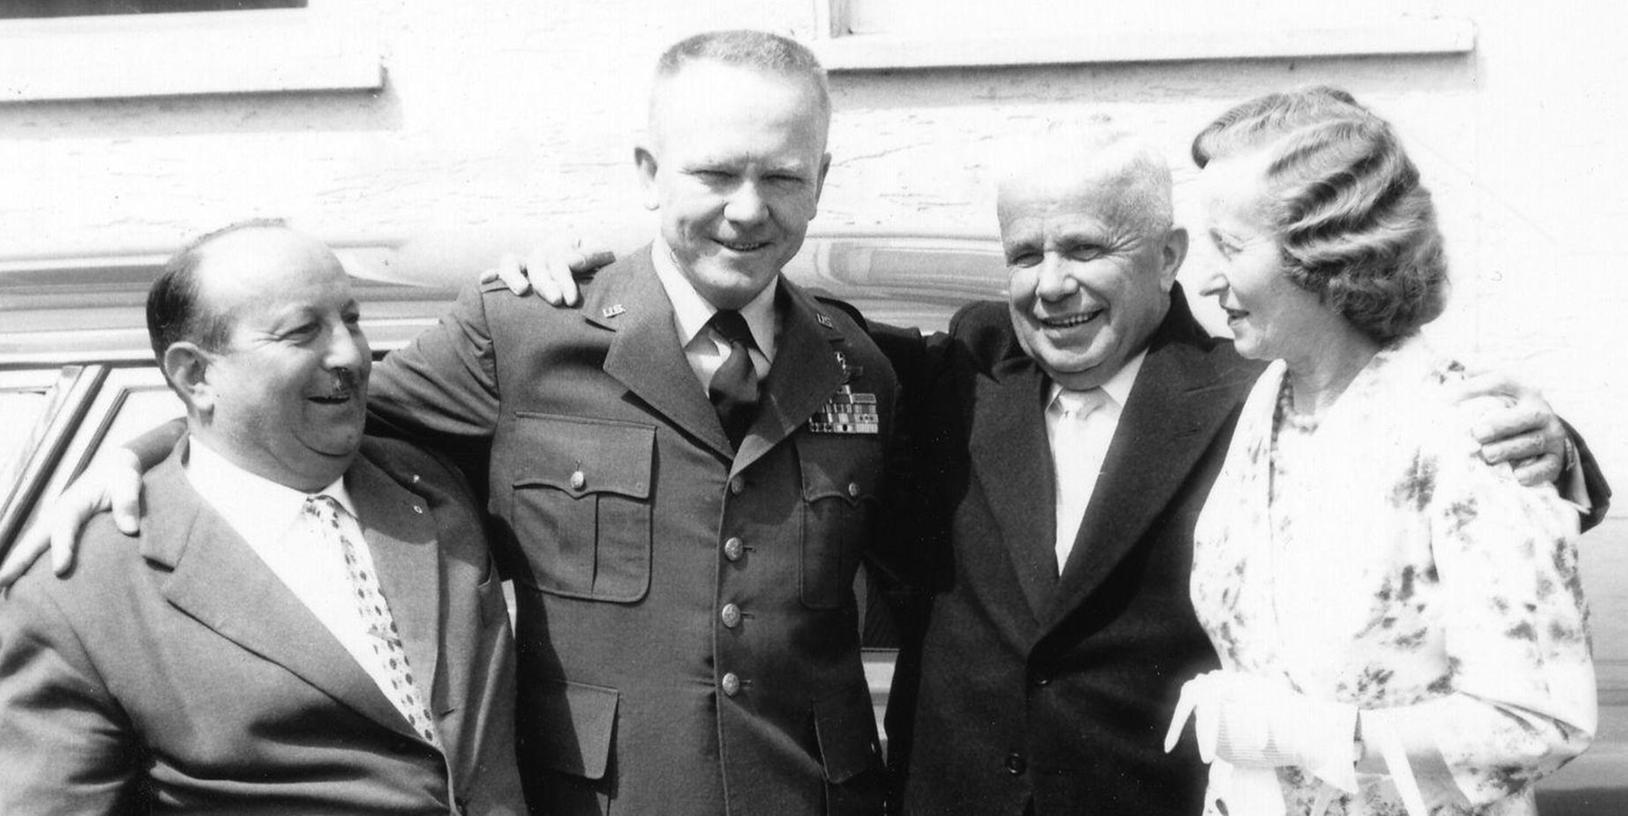 Wiedersehen am 8. Juli 1961: Caroll McElroy und James Hannon (2.v.l) werden Schwabachs Ehrenbürger. McElroy war nicht zur Feier gekommen. Hannon traf alte Bekannte: Willy Buckel (links), mit dem er den US-Truppen am 19. April 1945 entgegengefahren ist, und Konstanze Link (rechts), die gedolmetscht hatte. Bürgermeister Hans Hocheder (2.v.r.) war dankbar, dass Schwabach vor einem Angriff bewahrt blieb.